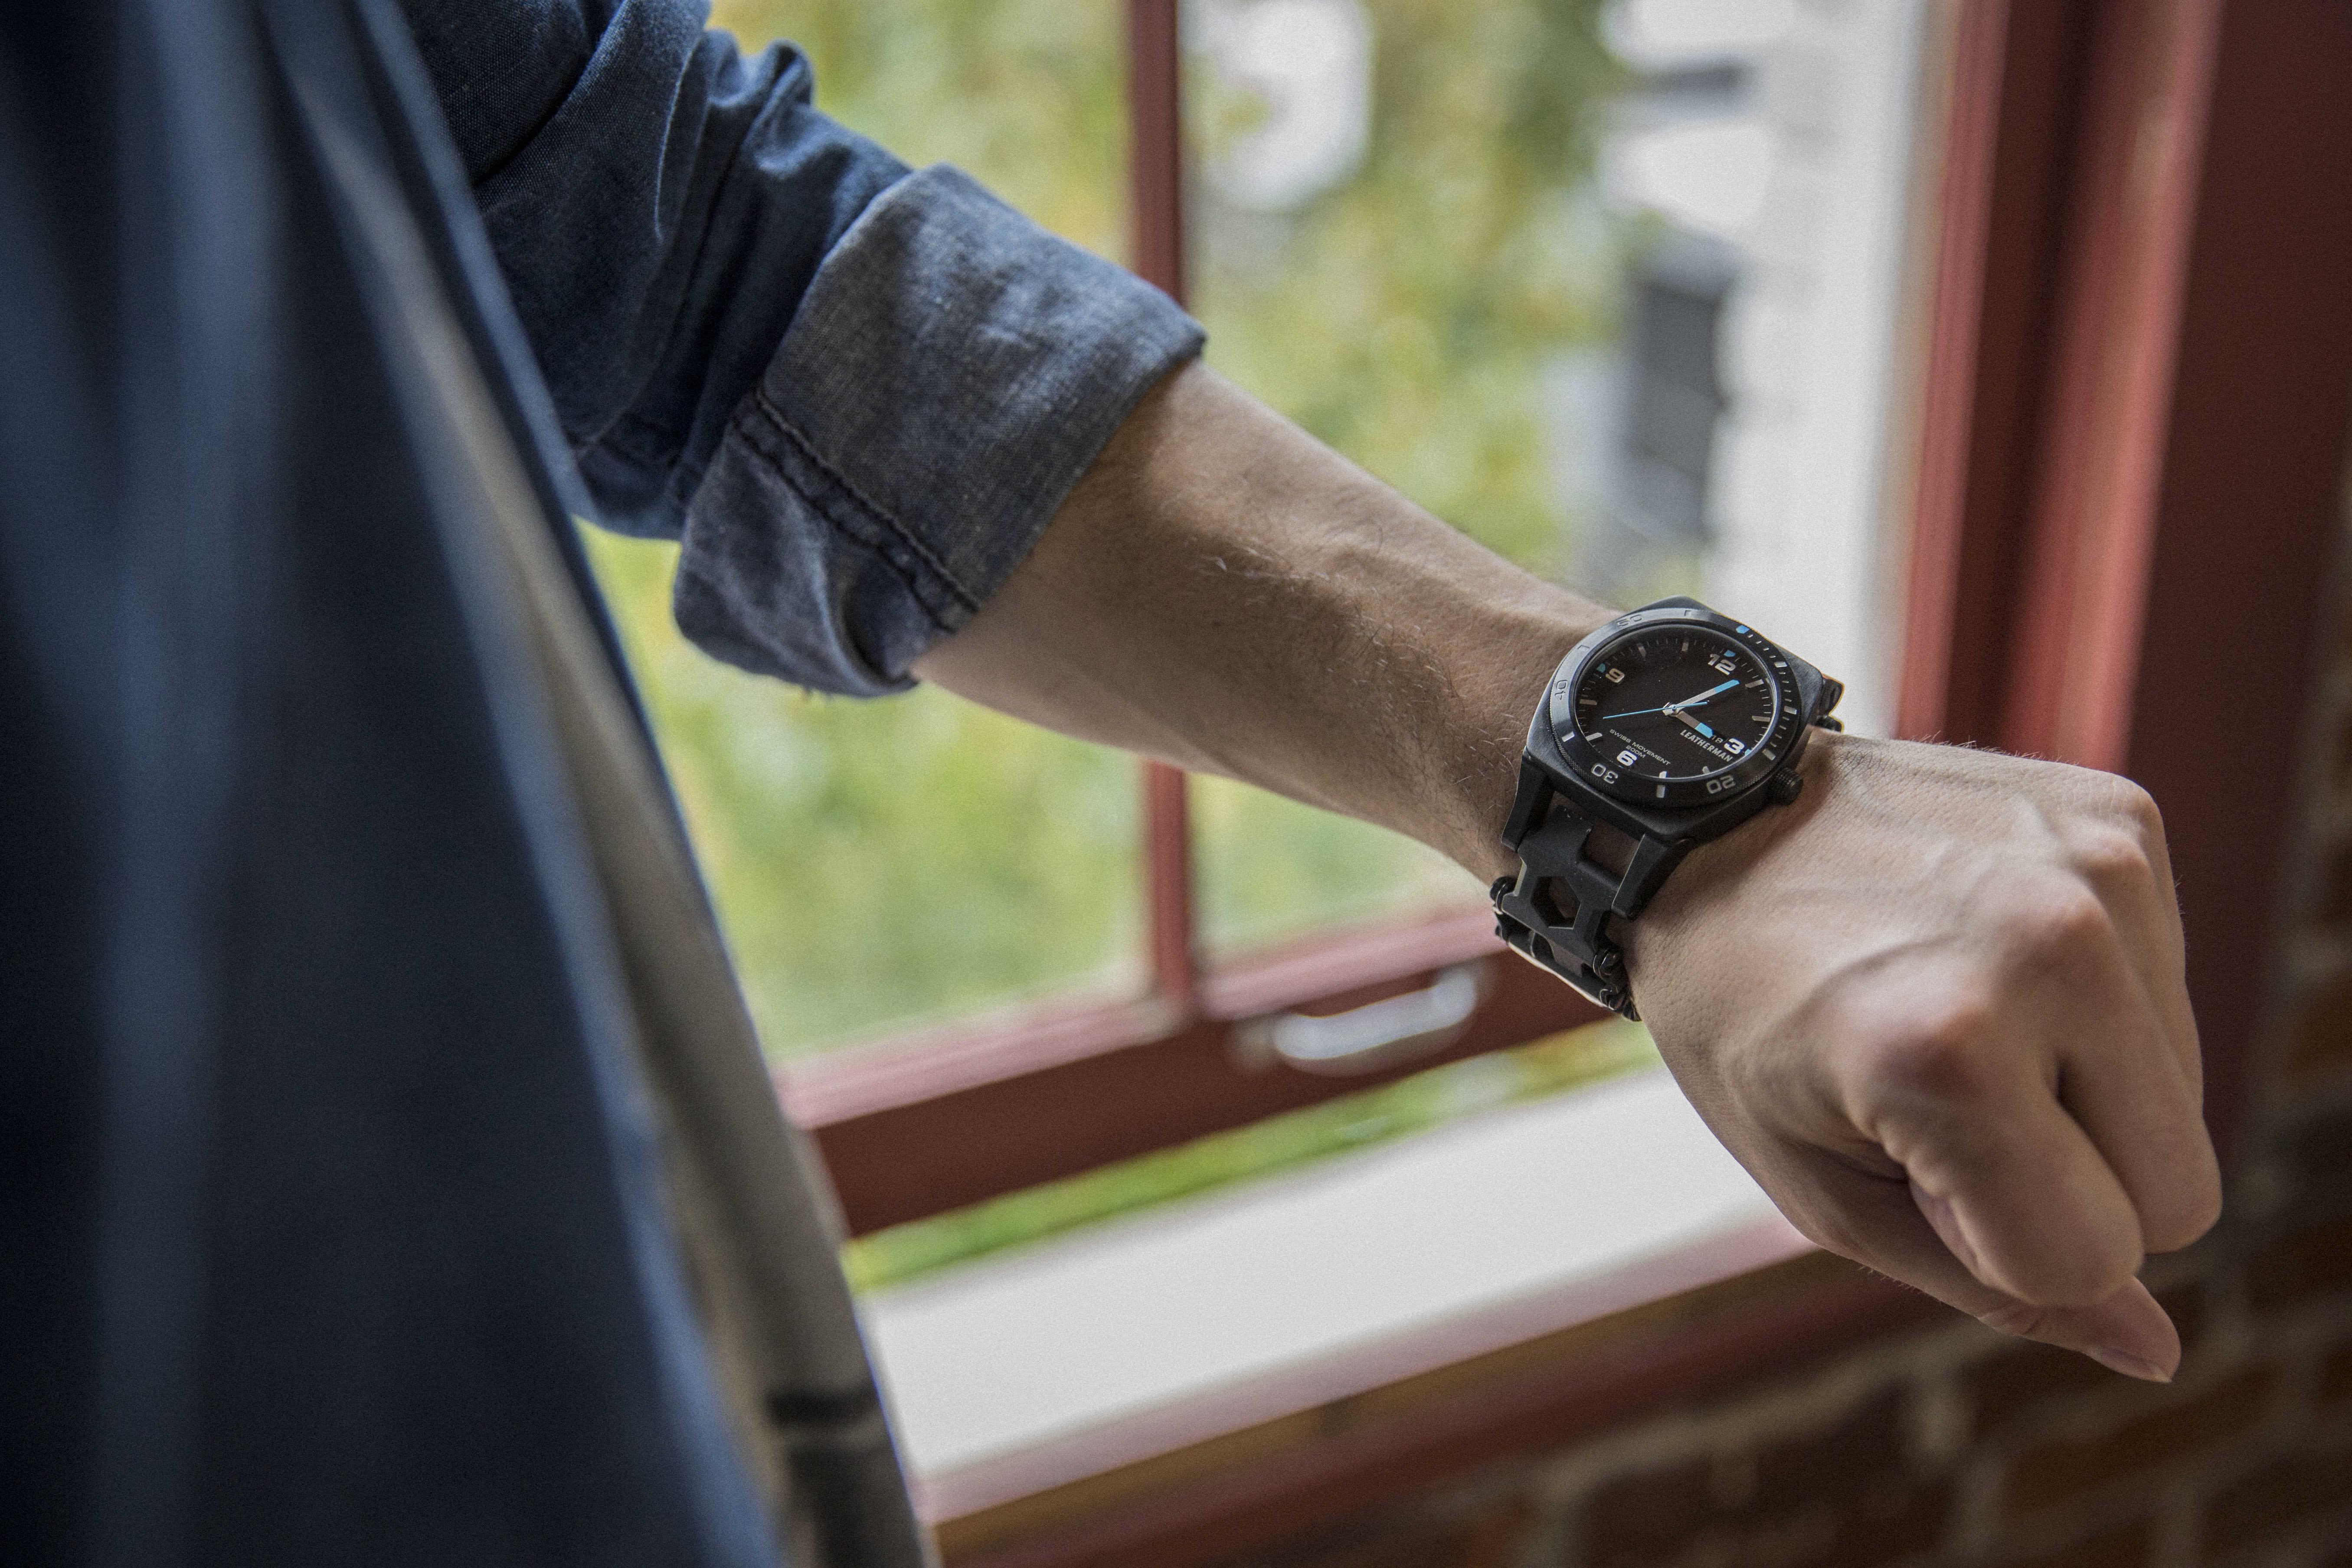 Leatherman tread tempo multi-tool watch on wrist, black